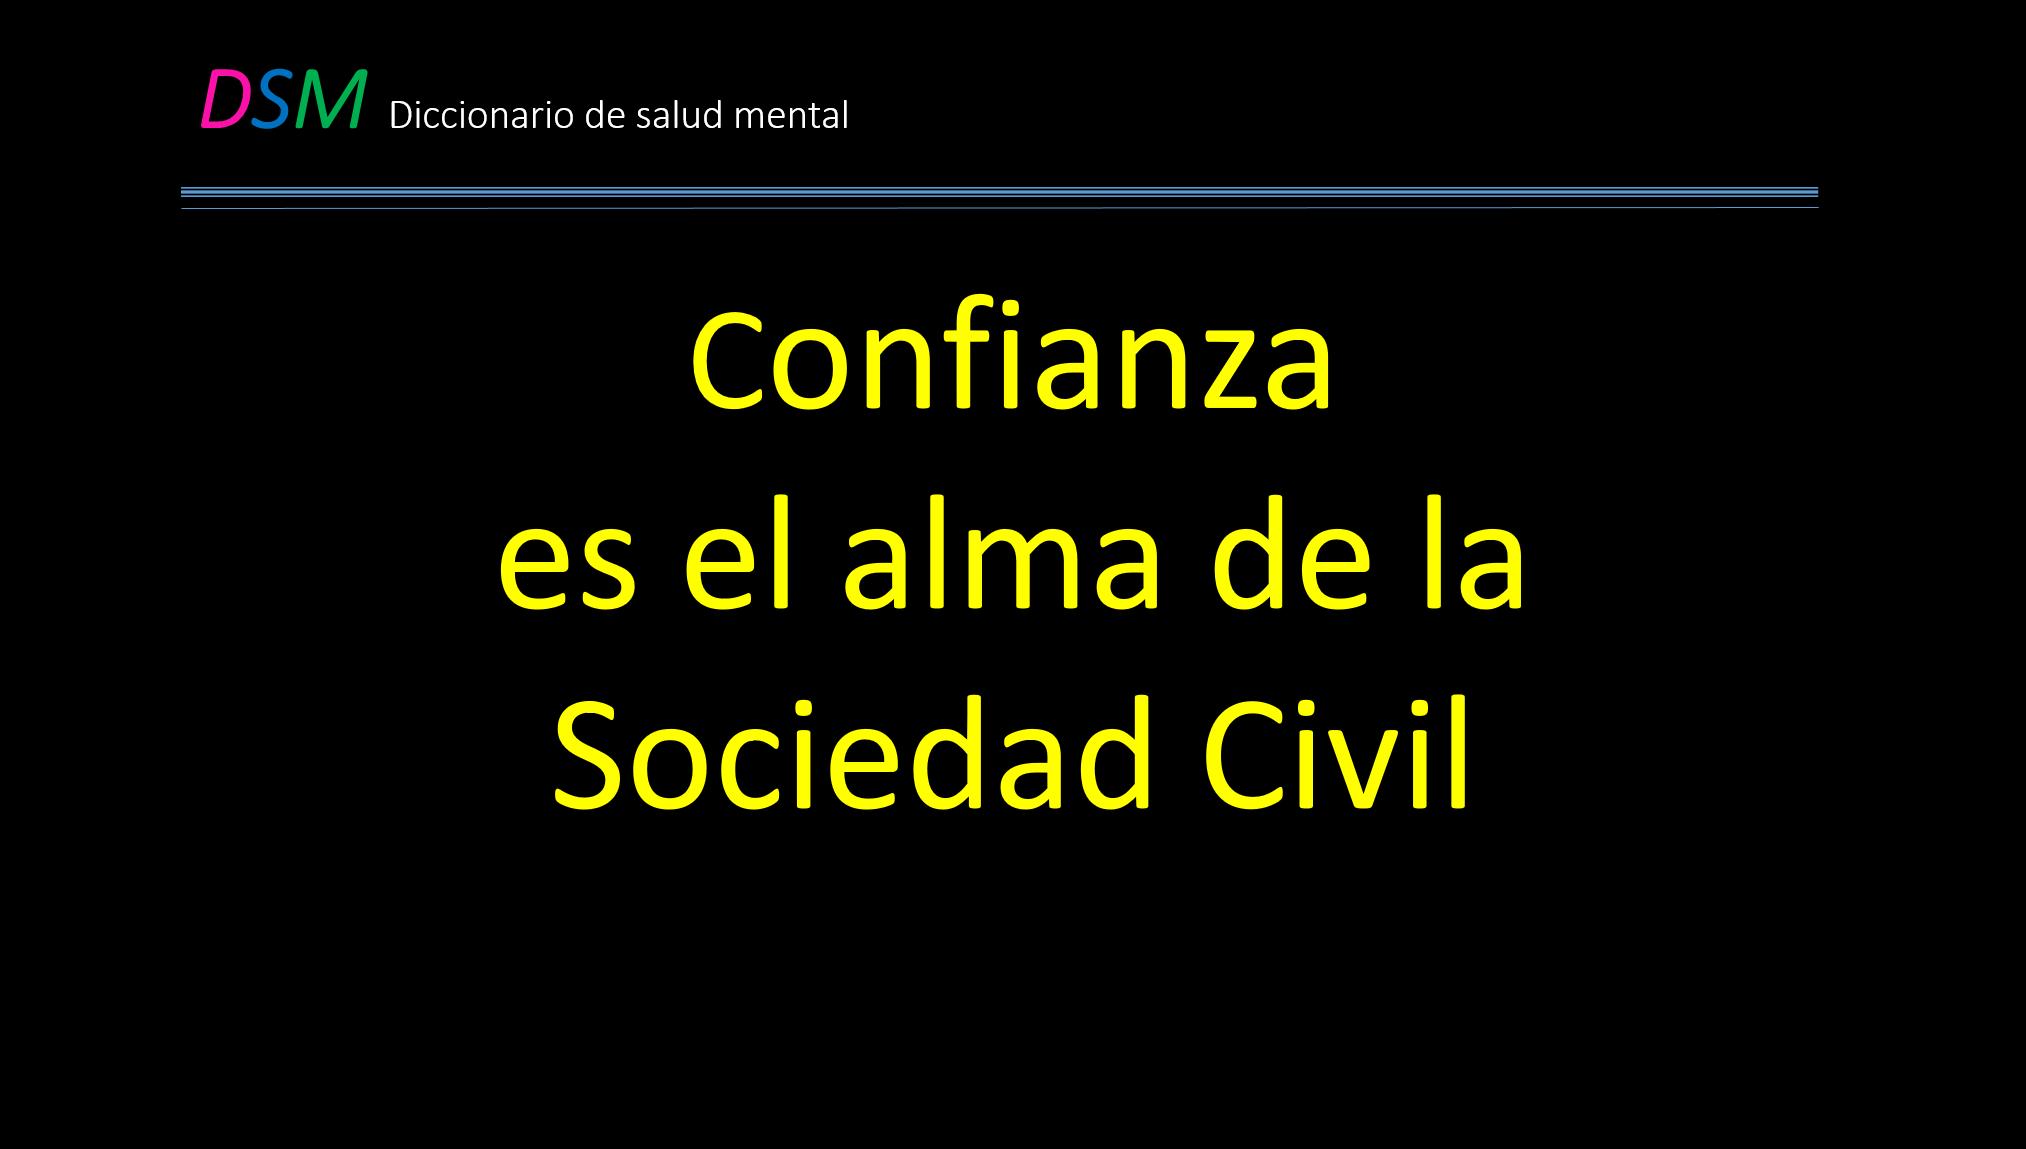 Desconfianza-psiquiatria Final